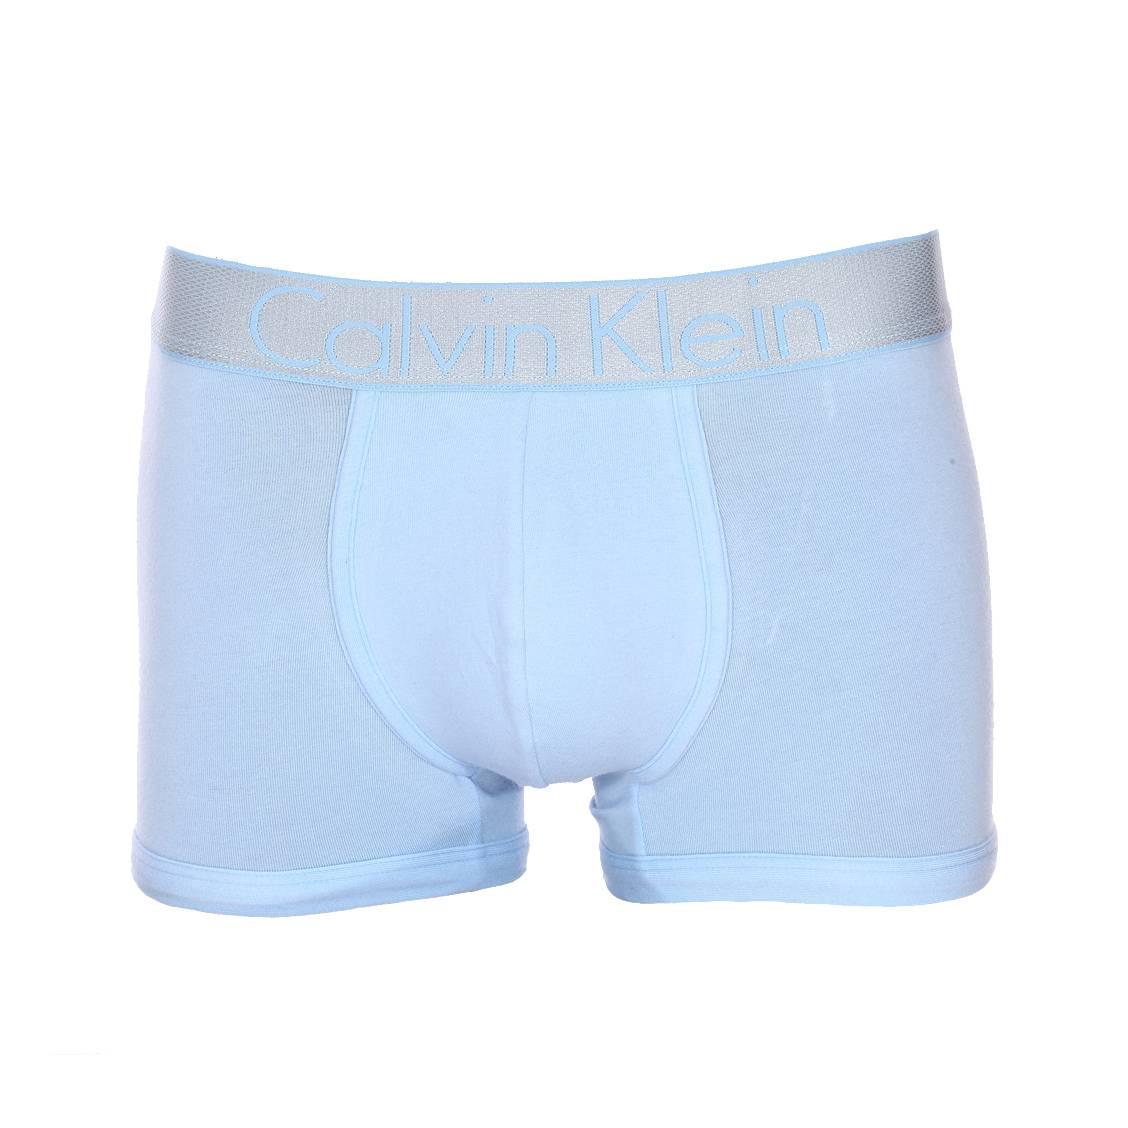 ... large ceinture Uni BLEU Calvin Klein homme. Boxer Calvin Klein Trunk en coton  stretch bleu ciel ... 1b373e8ce64